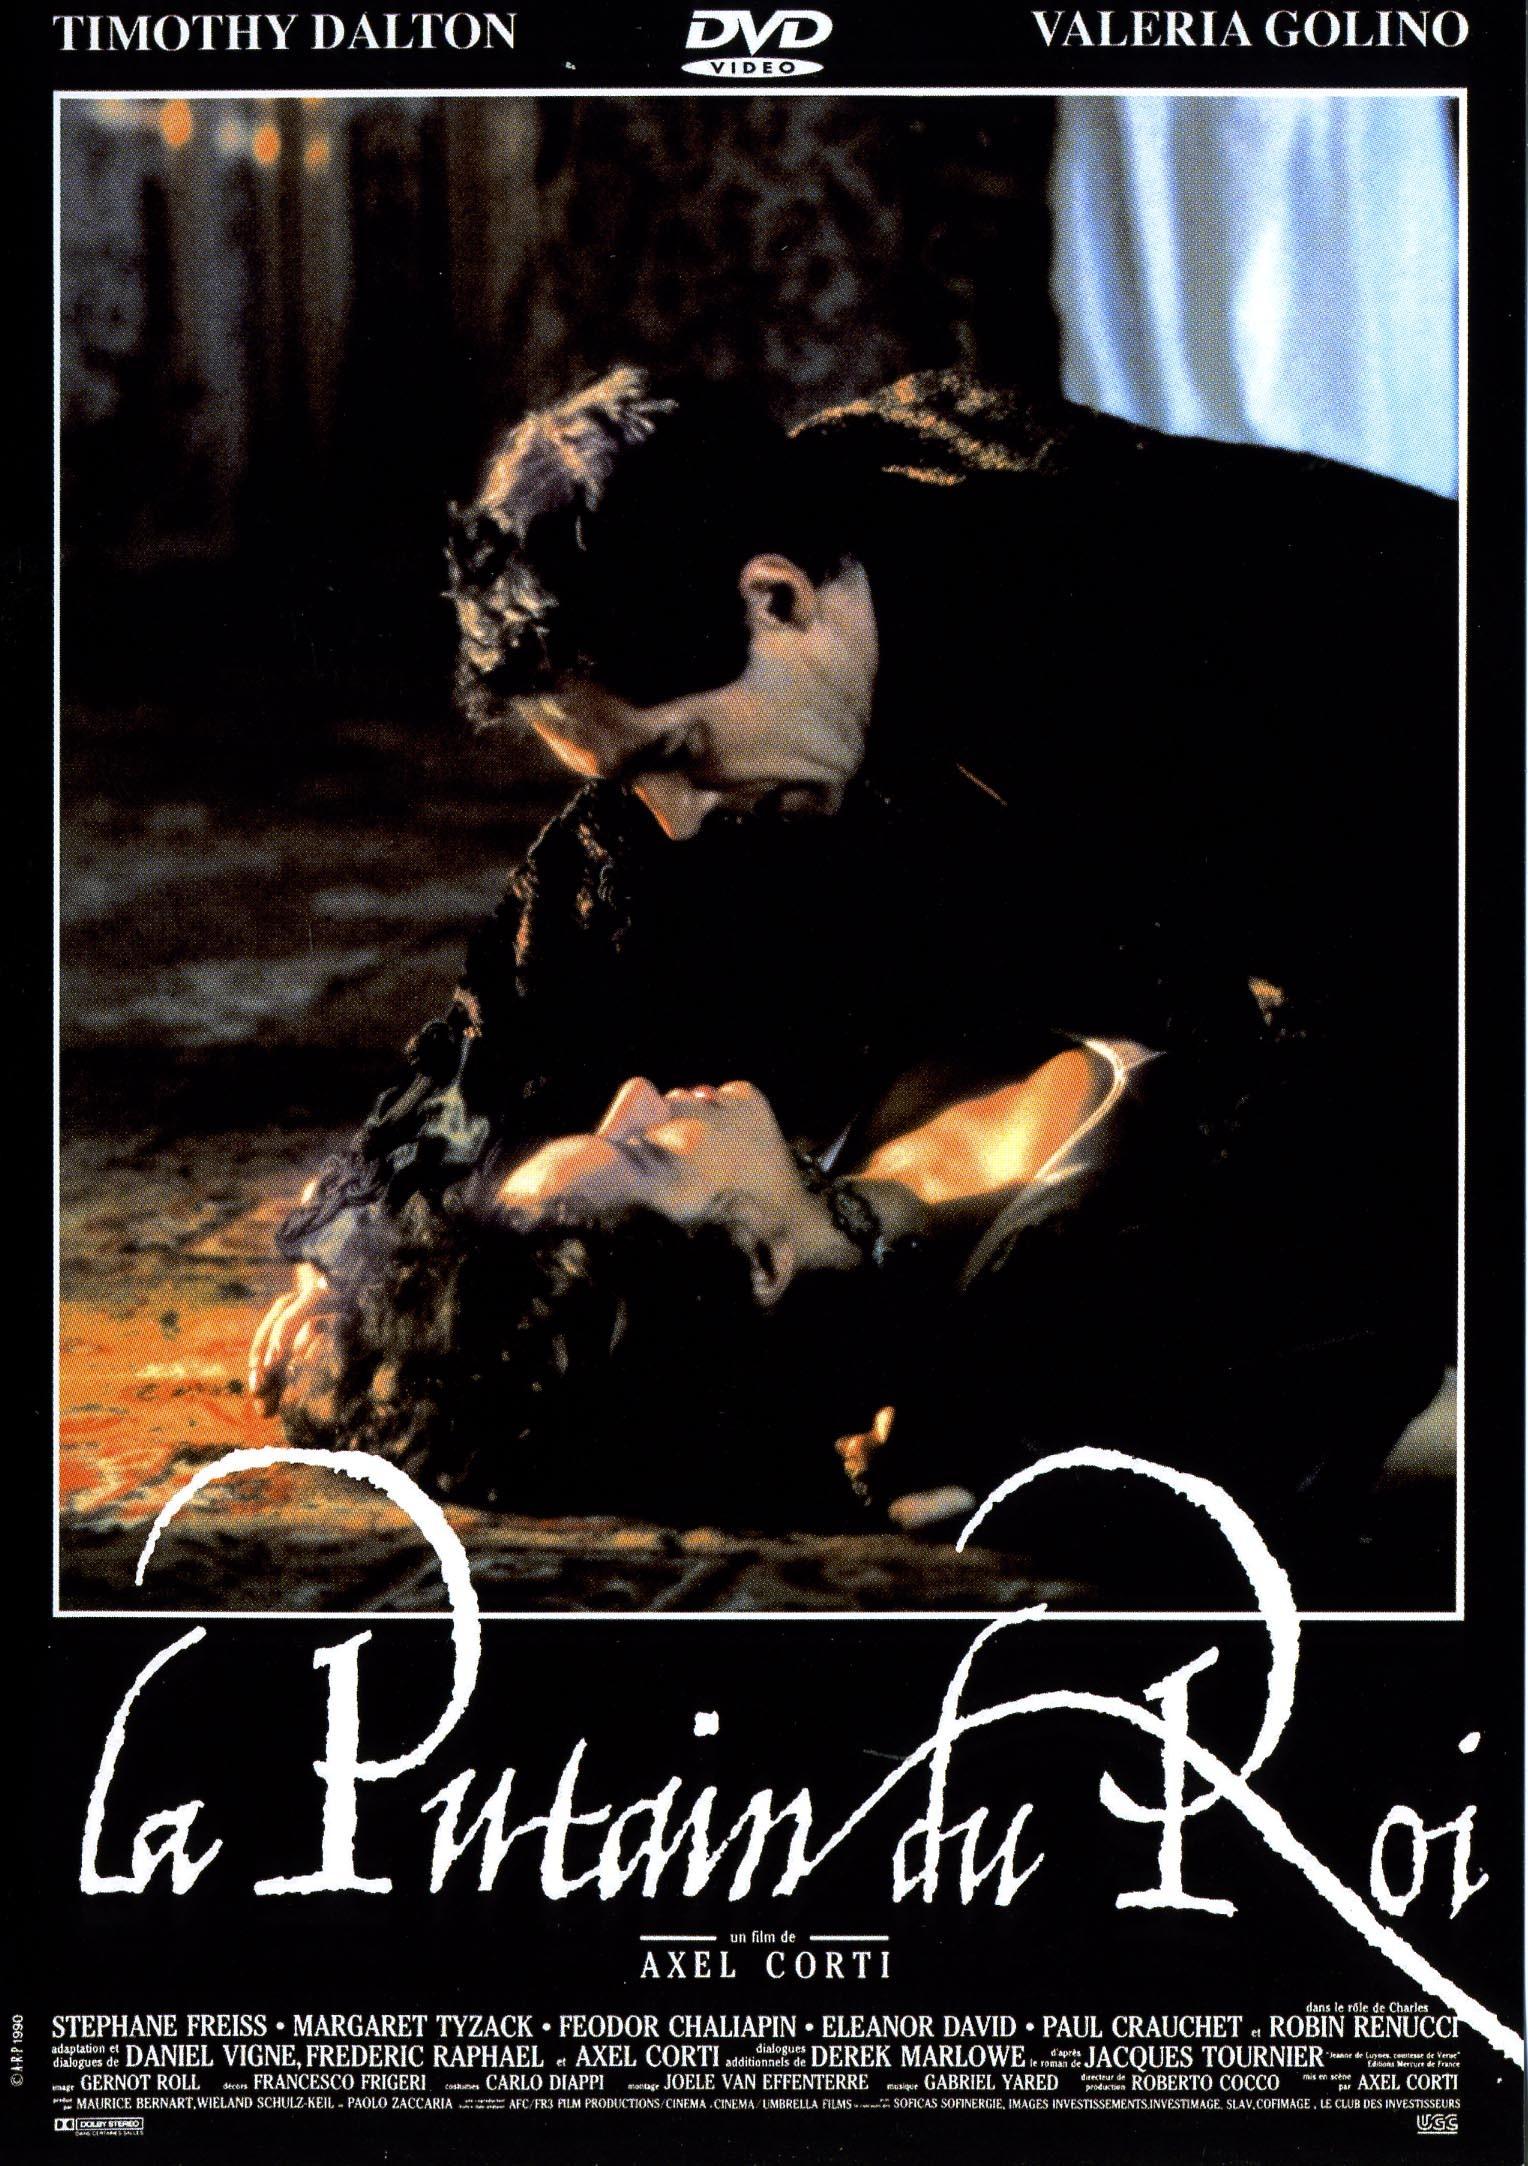 LA PUTAIN DU ROI - DVD